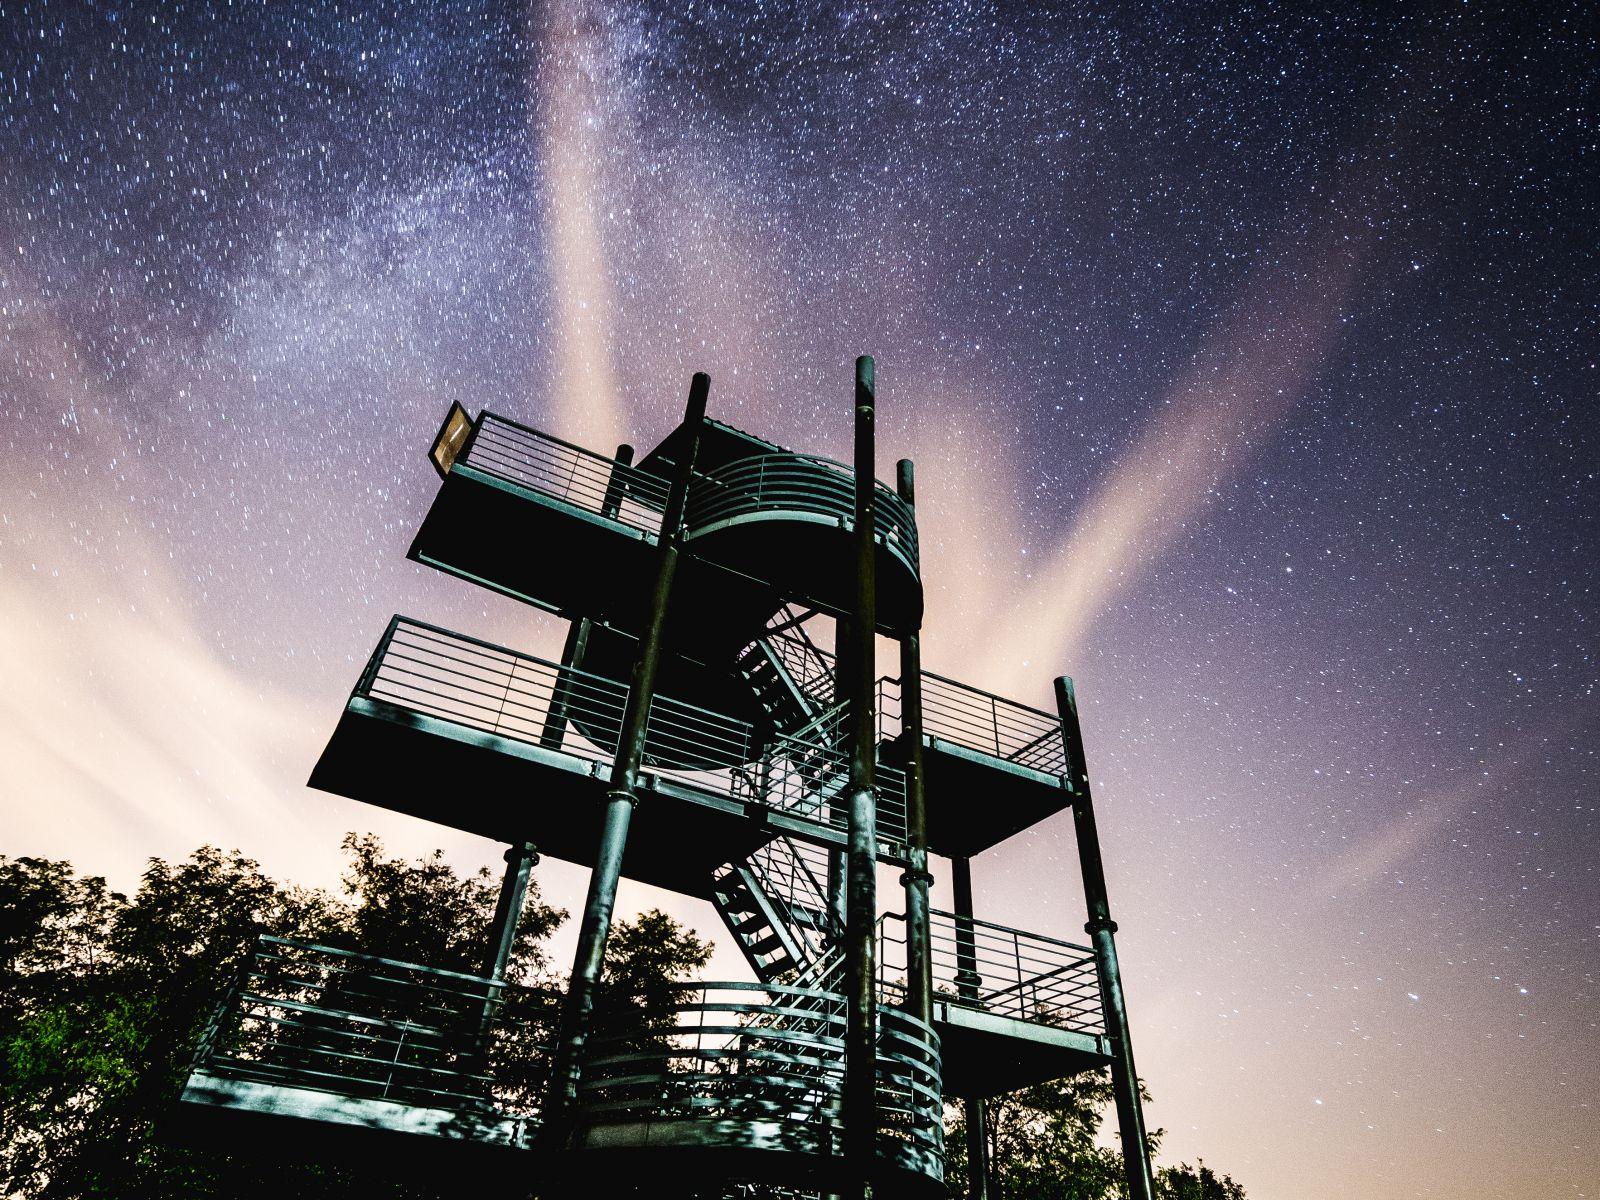 A hónap képe - Készítette: Határ a csillagos ég